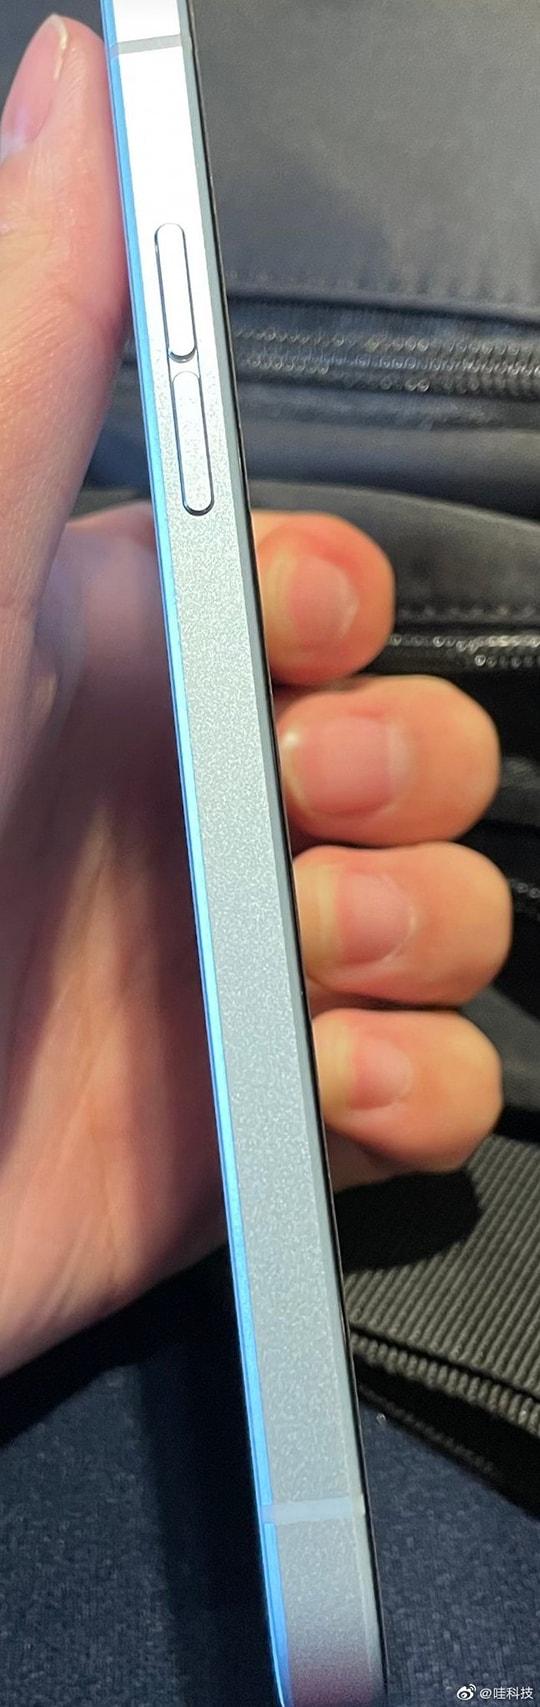 OPPO Reno6 lộ ảnh thực tế với khung viền vuông như iPhone 12 - Ảnh 2.